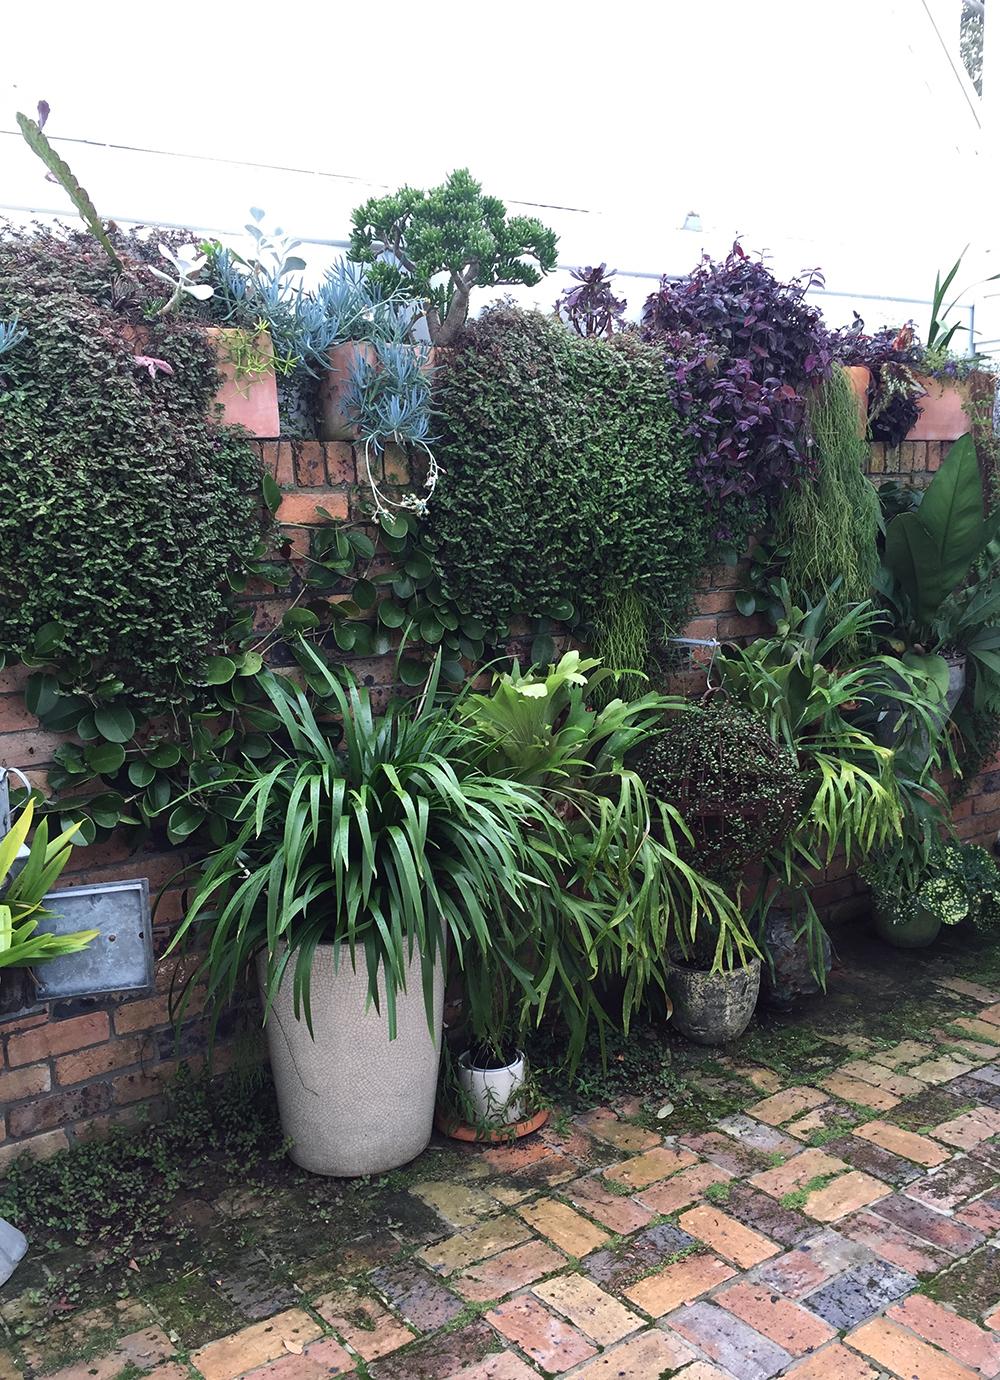 Leafy courtyard